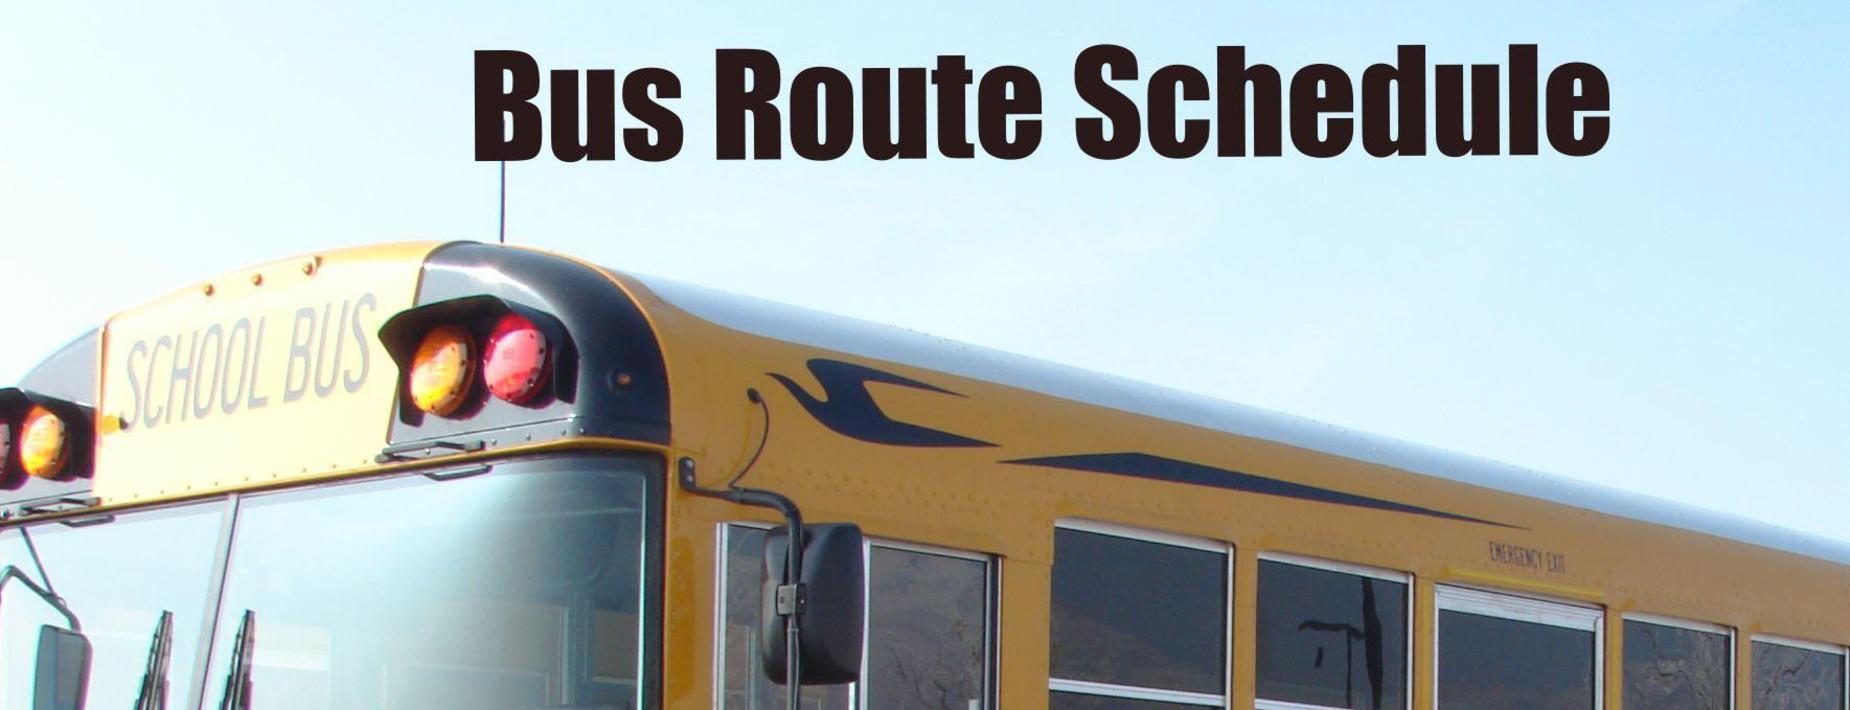 Bus Routes image